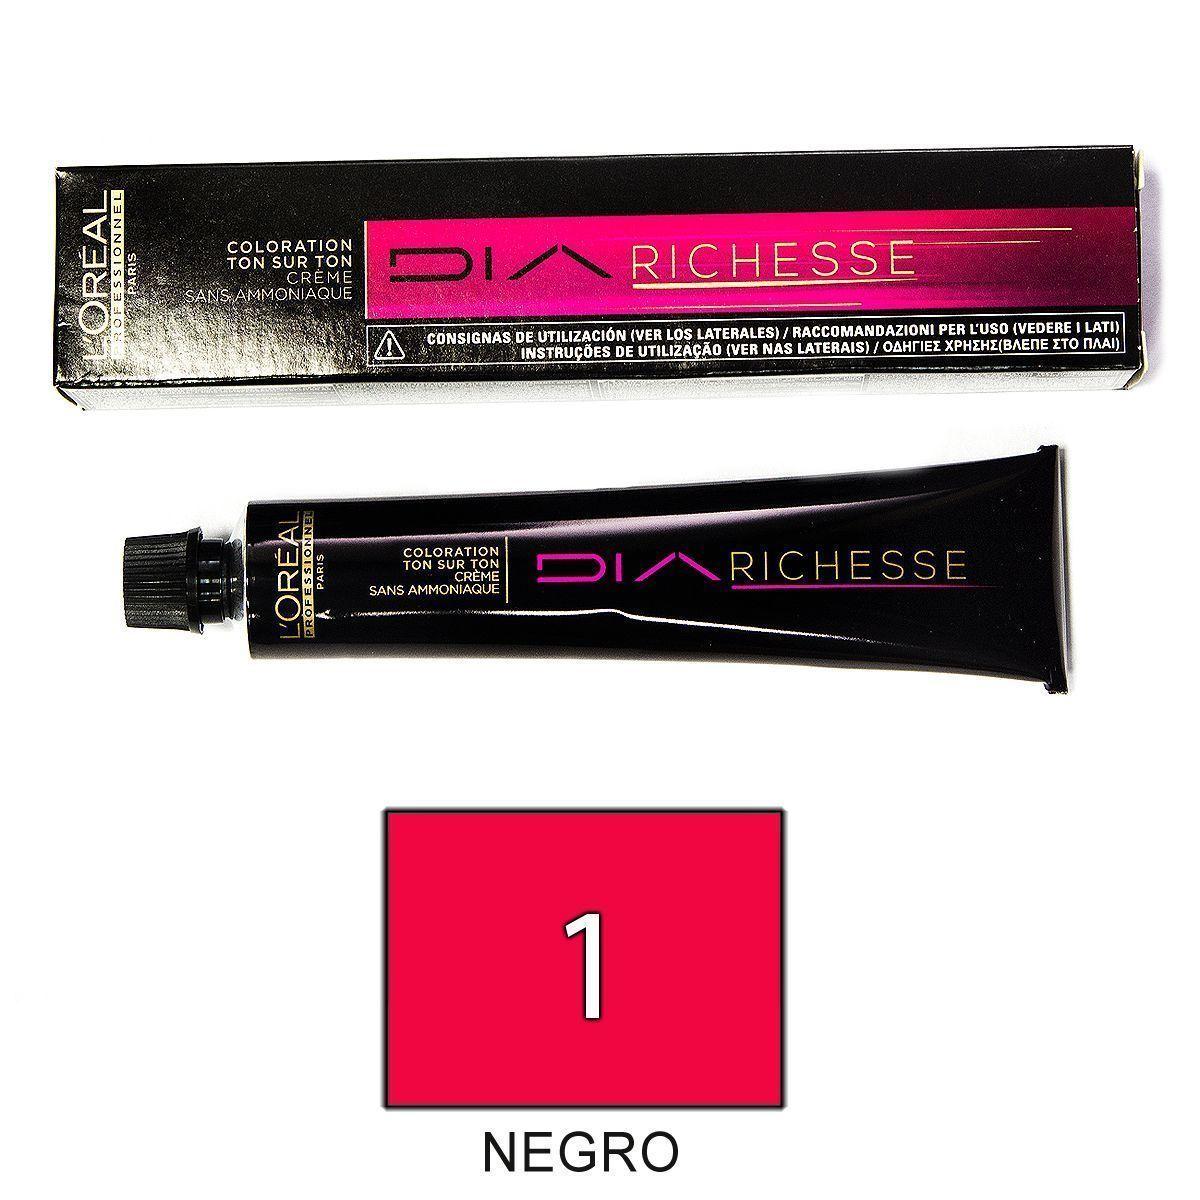 Loreal Diarichesse 1 Negro Tinte 50ml